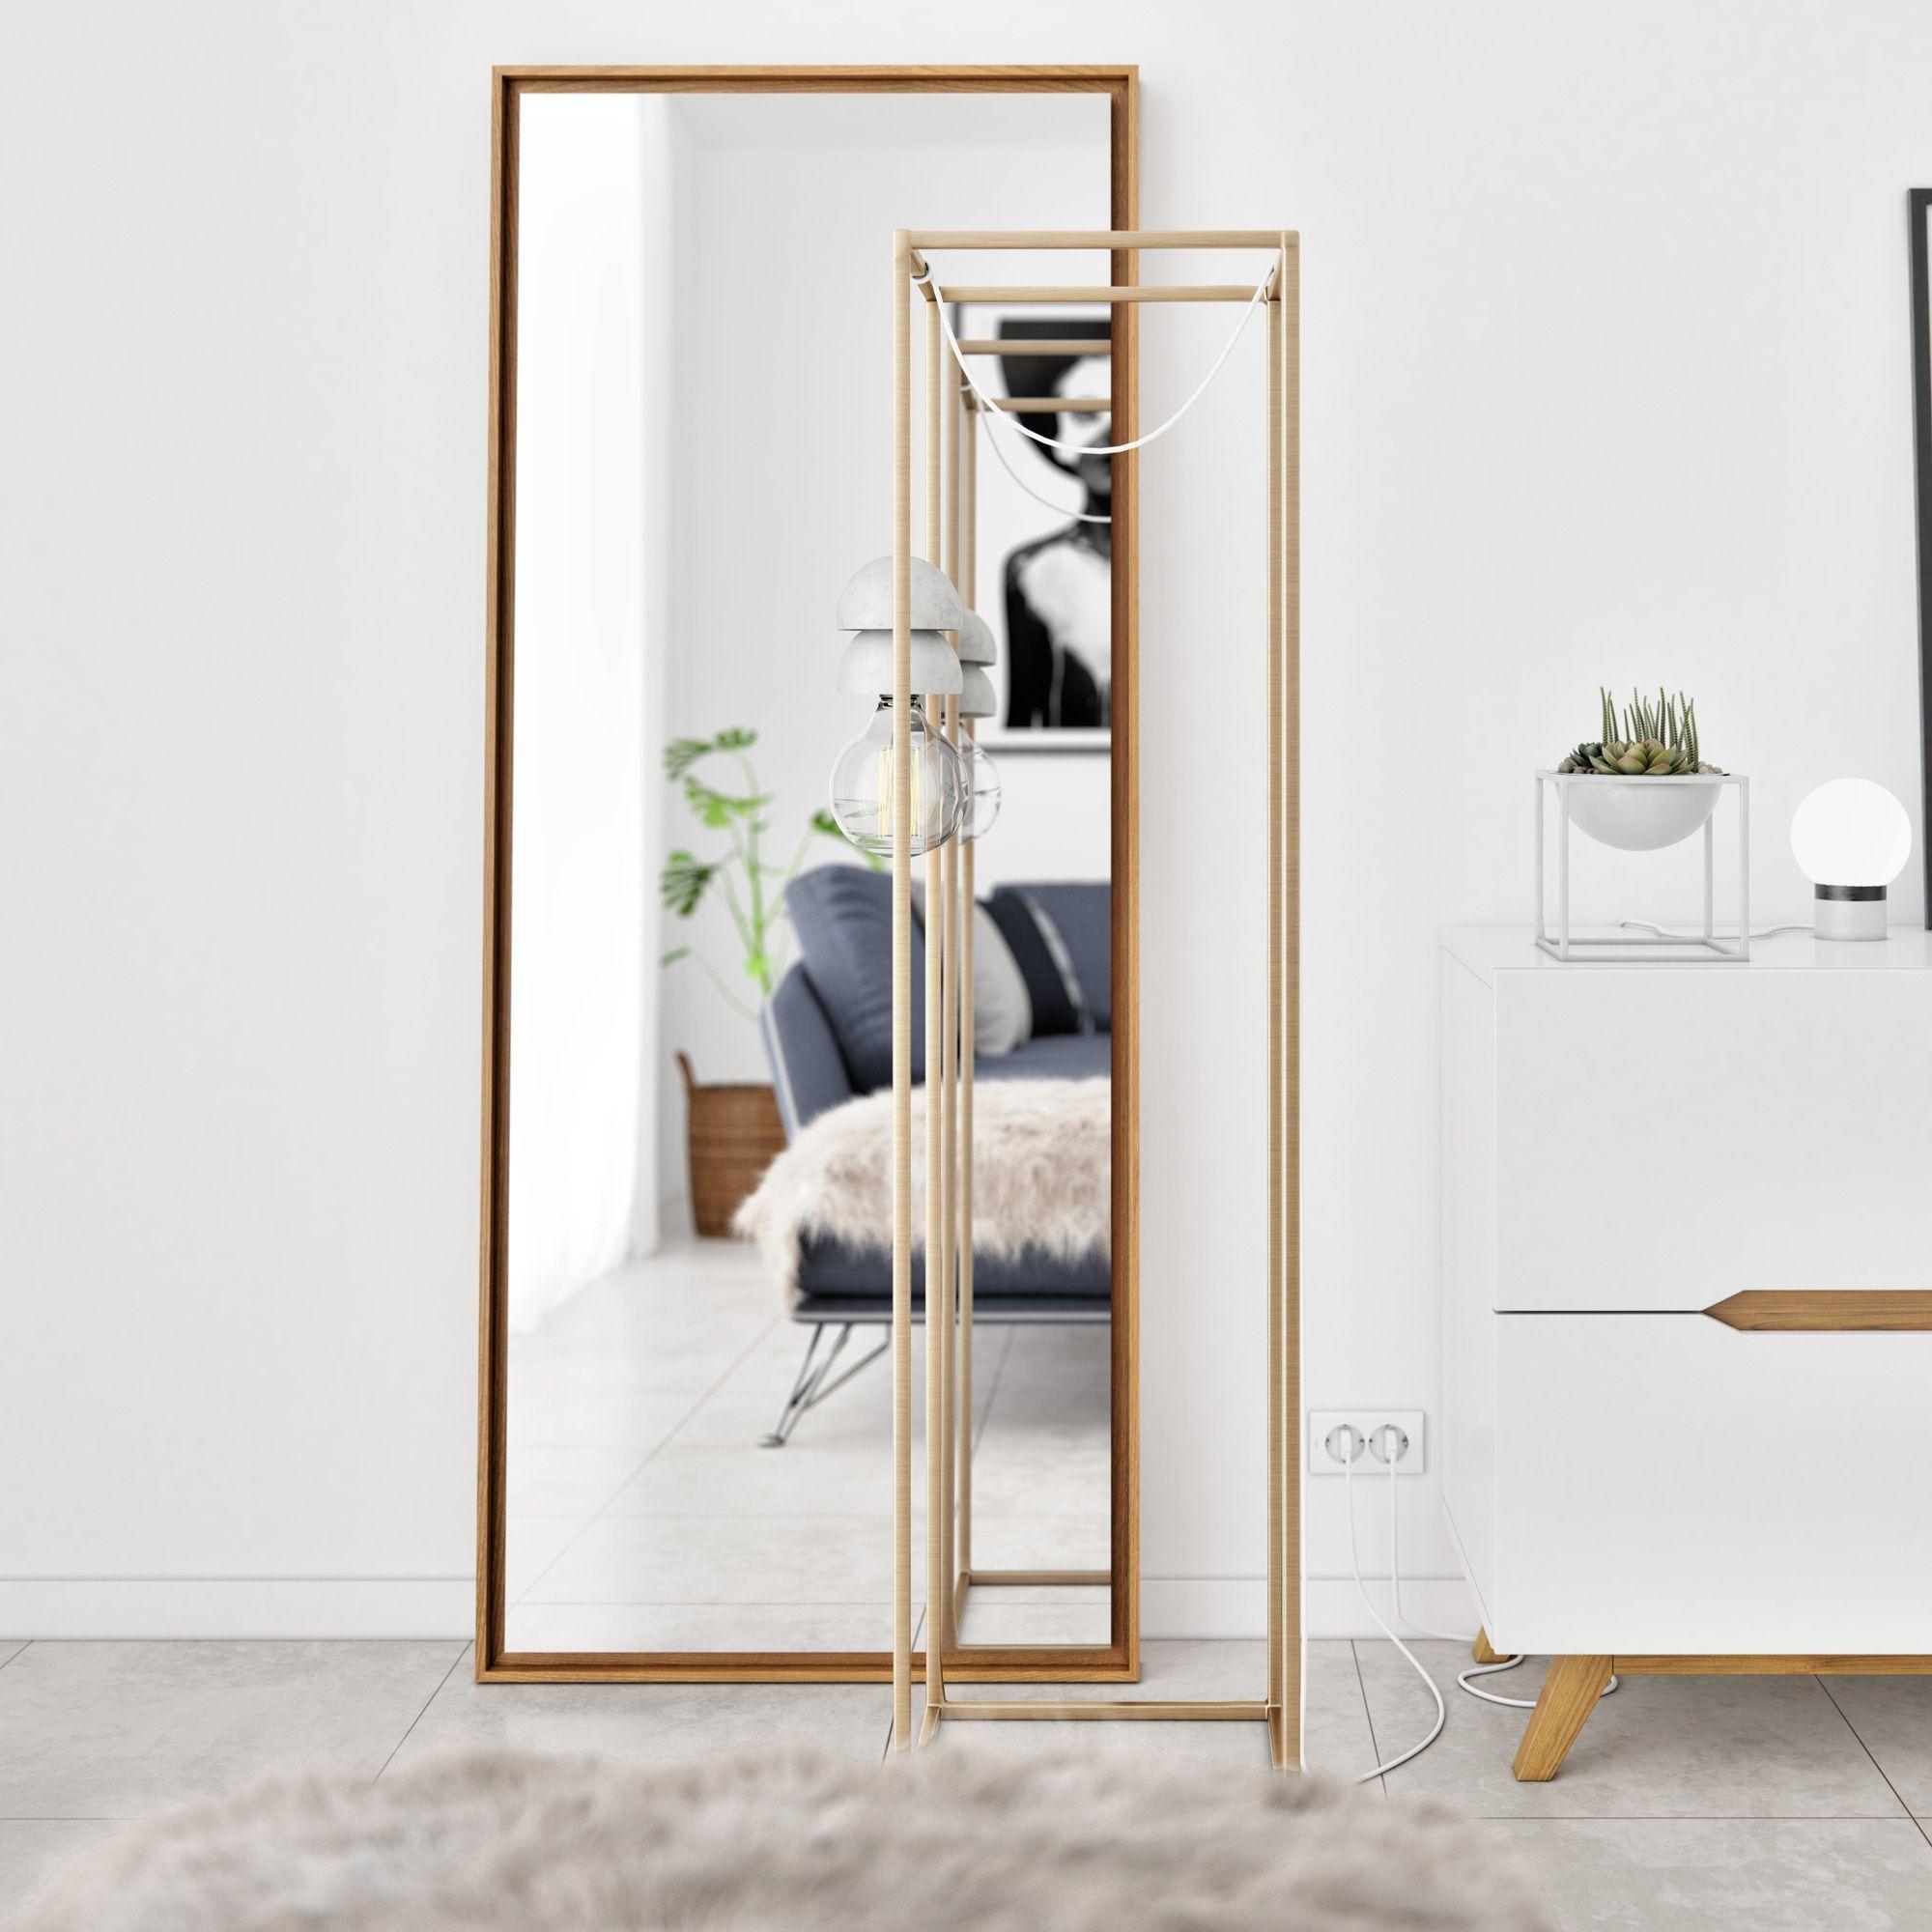 Finn Mirror - Rove Kure Scandinavian Design